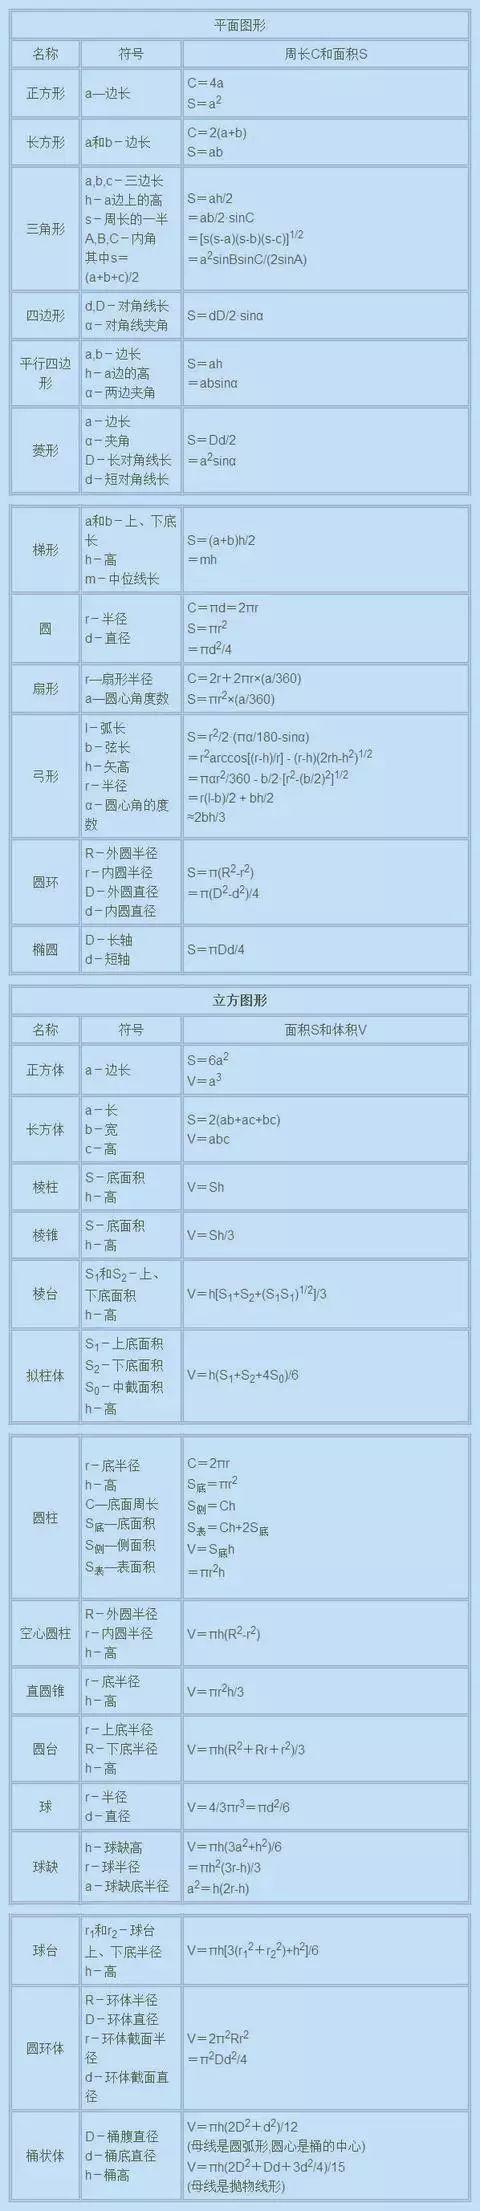 初中数学|老师泄密:期末考试,全靠这份资料,肯定可以满分而归!